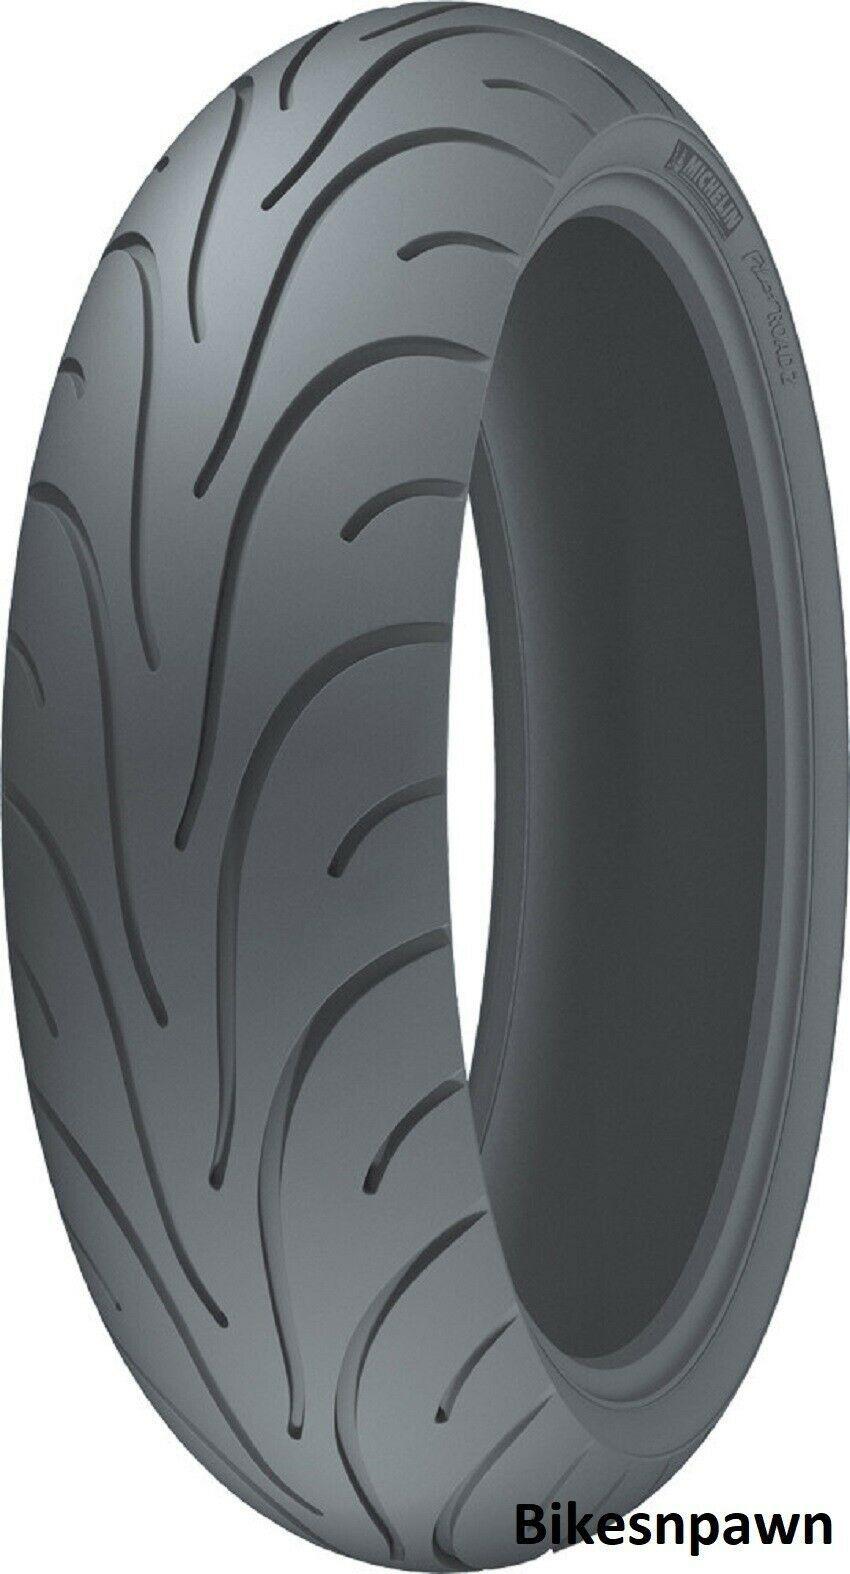 New Michelin Pilot Road 2 160/60ZR17 Rear TL Radial Motorcycle Tire 69W 17793